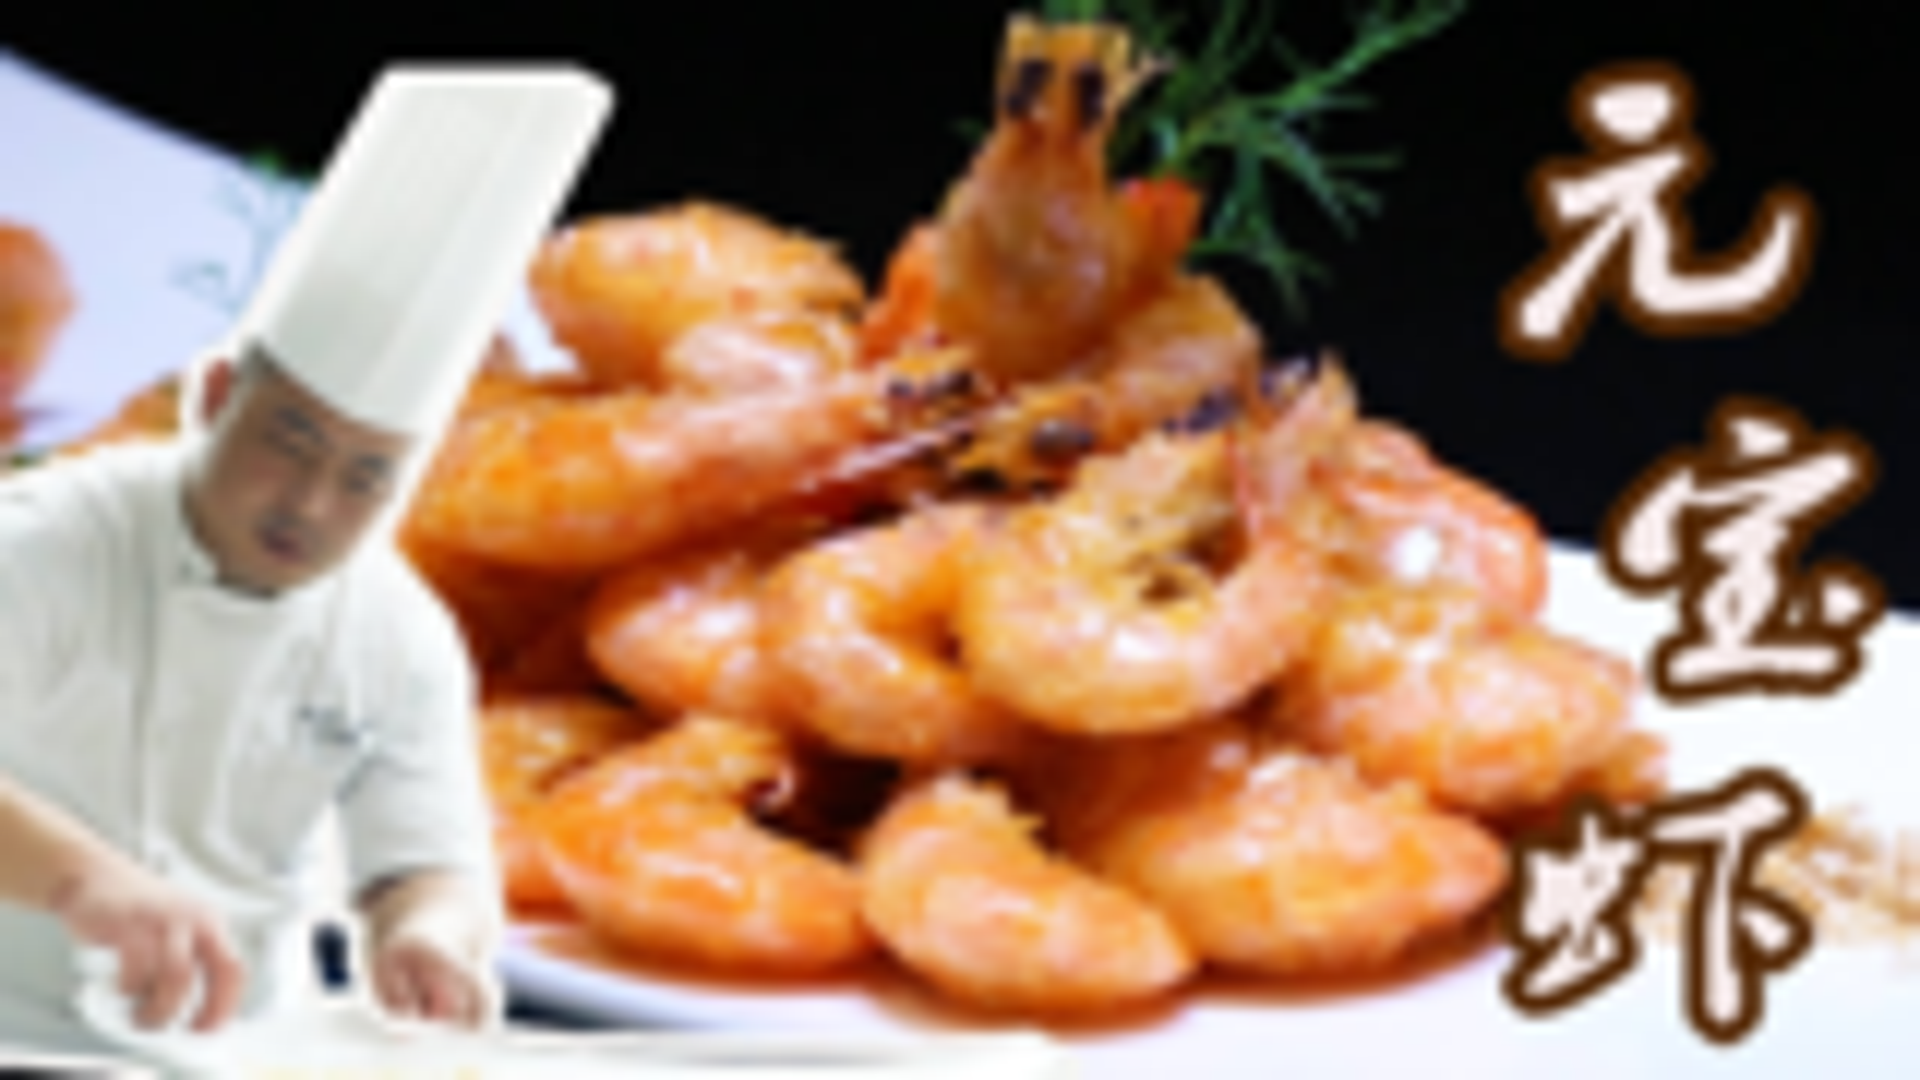 【大师的菜·元宝虾】解救没食欲!酸甜口味的元宝虾,肉质细腻,做法太家常!好吃又好学!